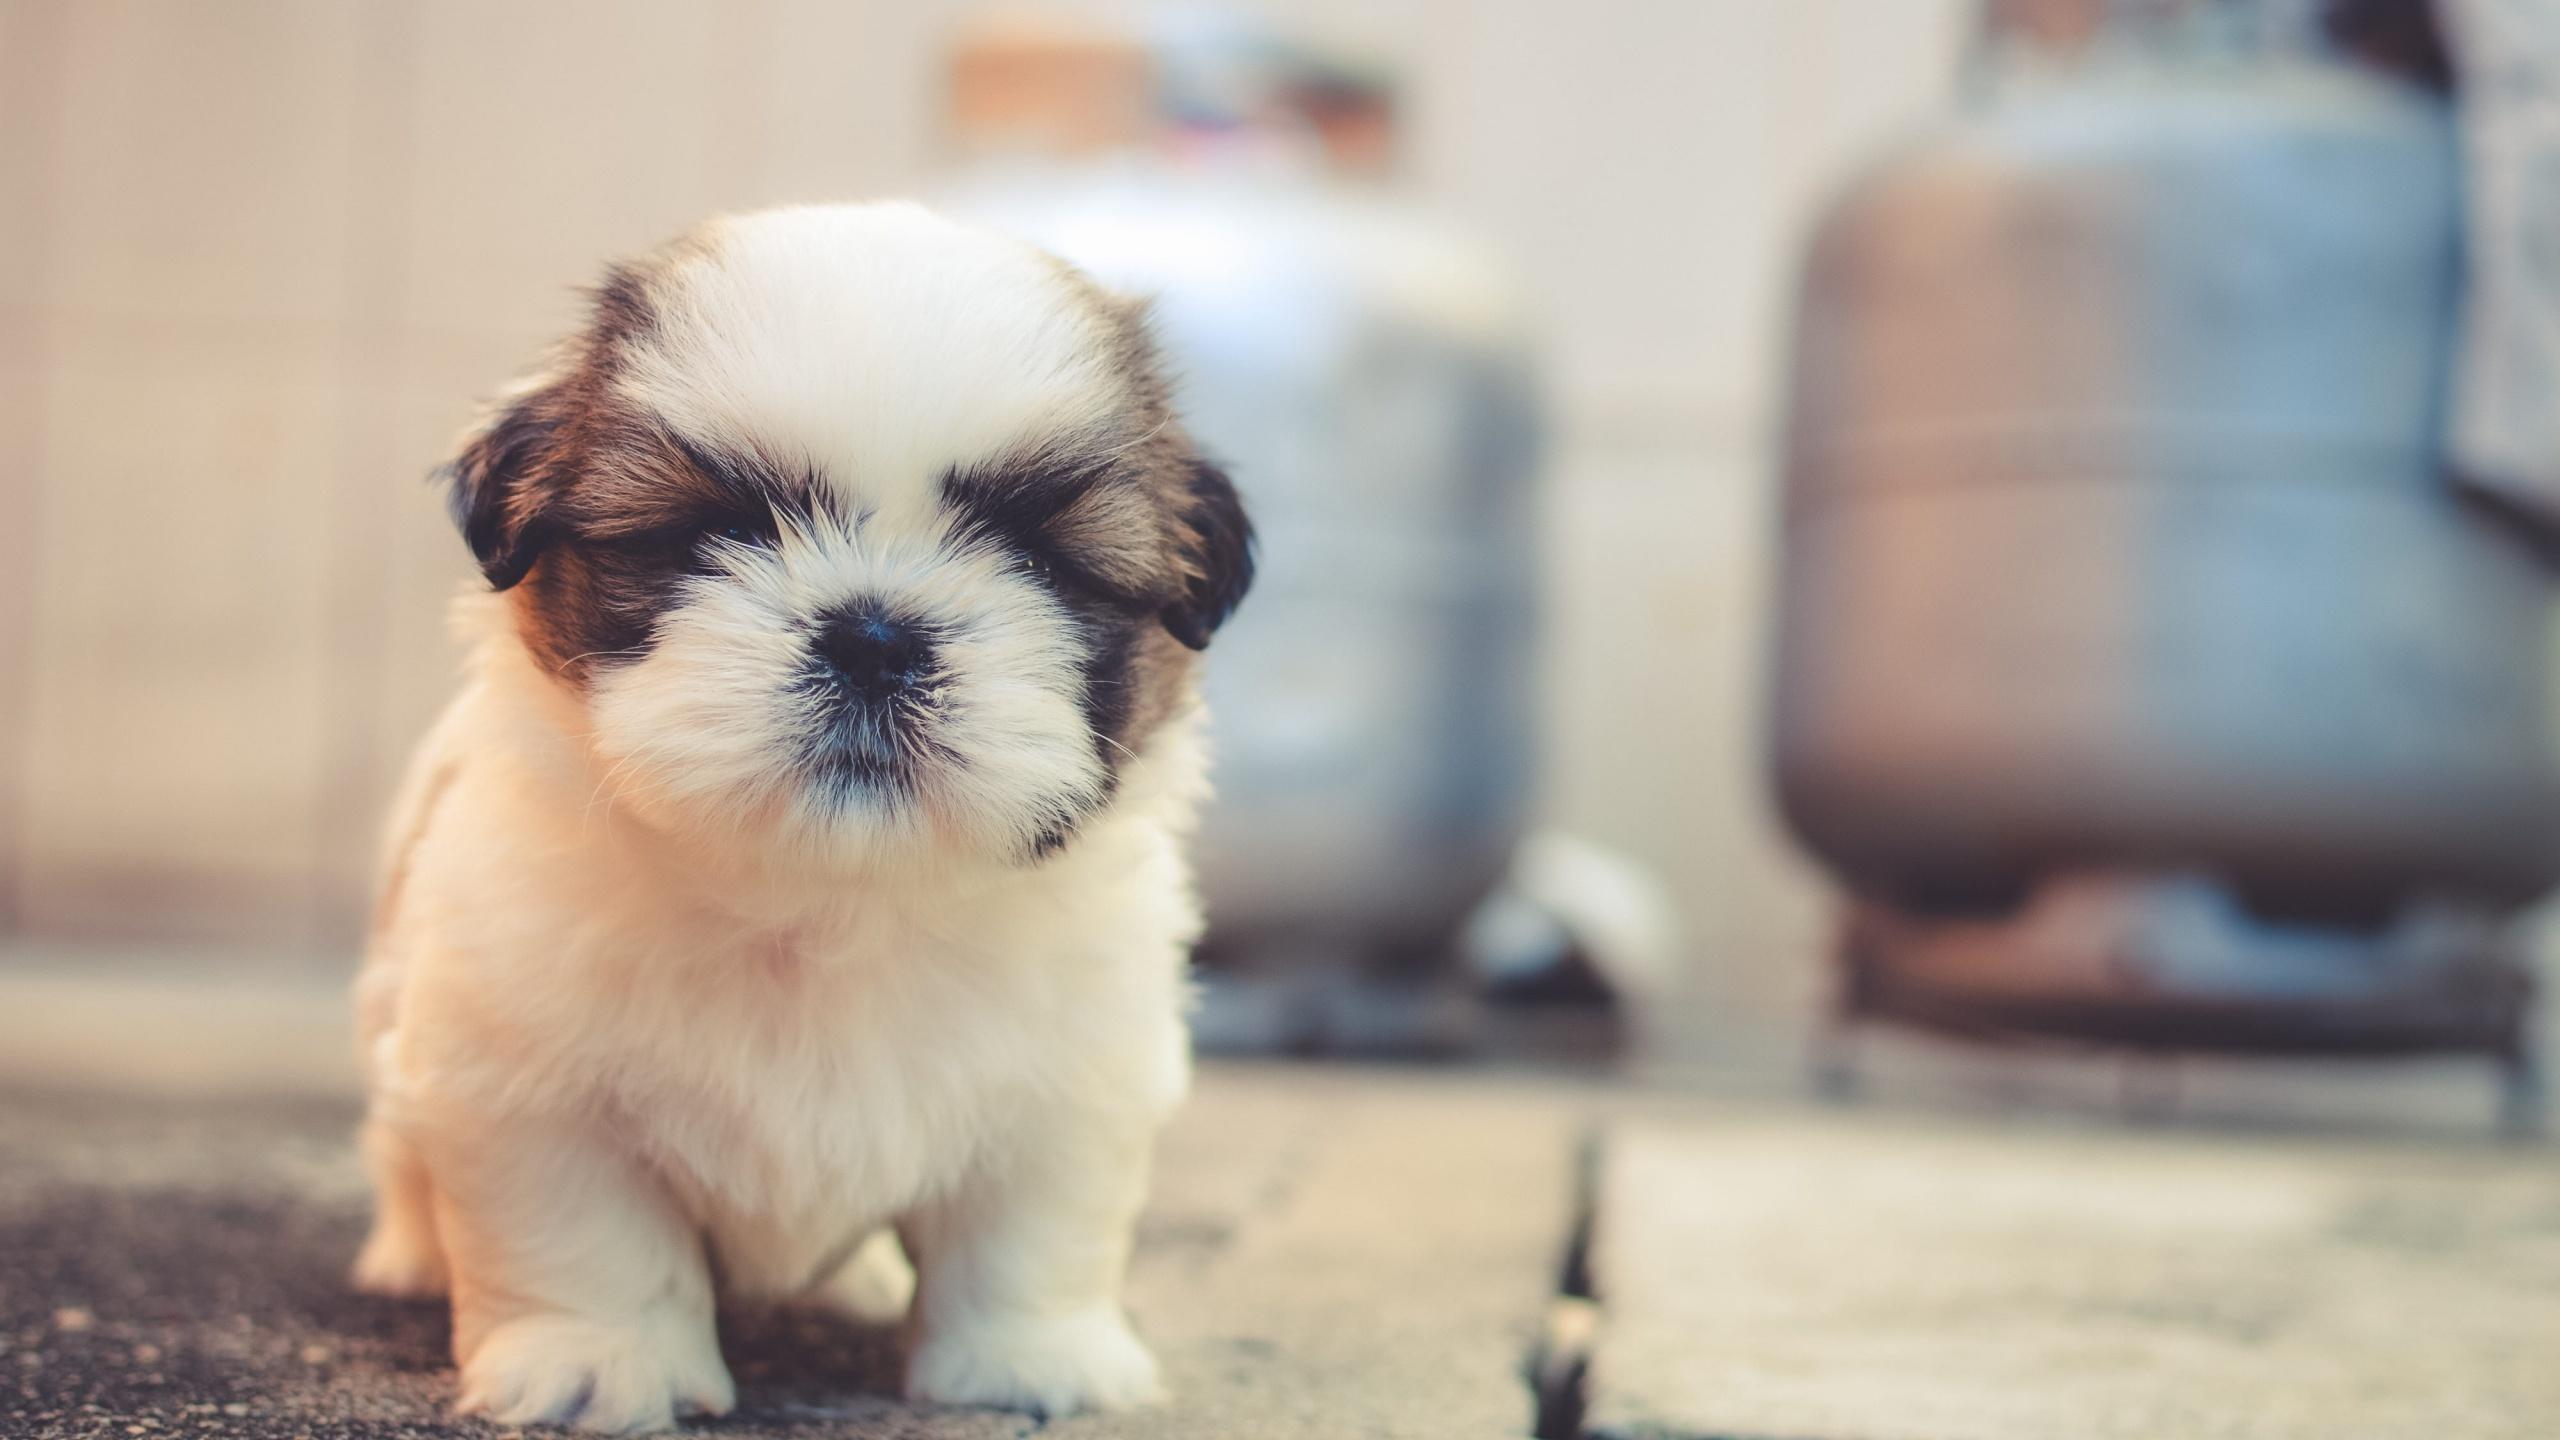 Cute Puppies 4k Wallpaper Saint Bernard Cute Dog Adorable Fluffy Dog Animals 1796